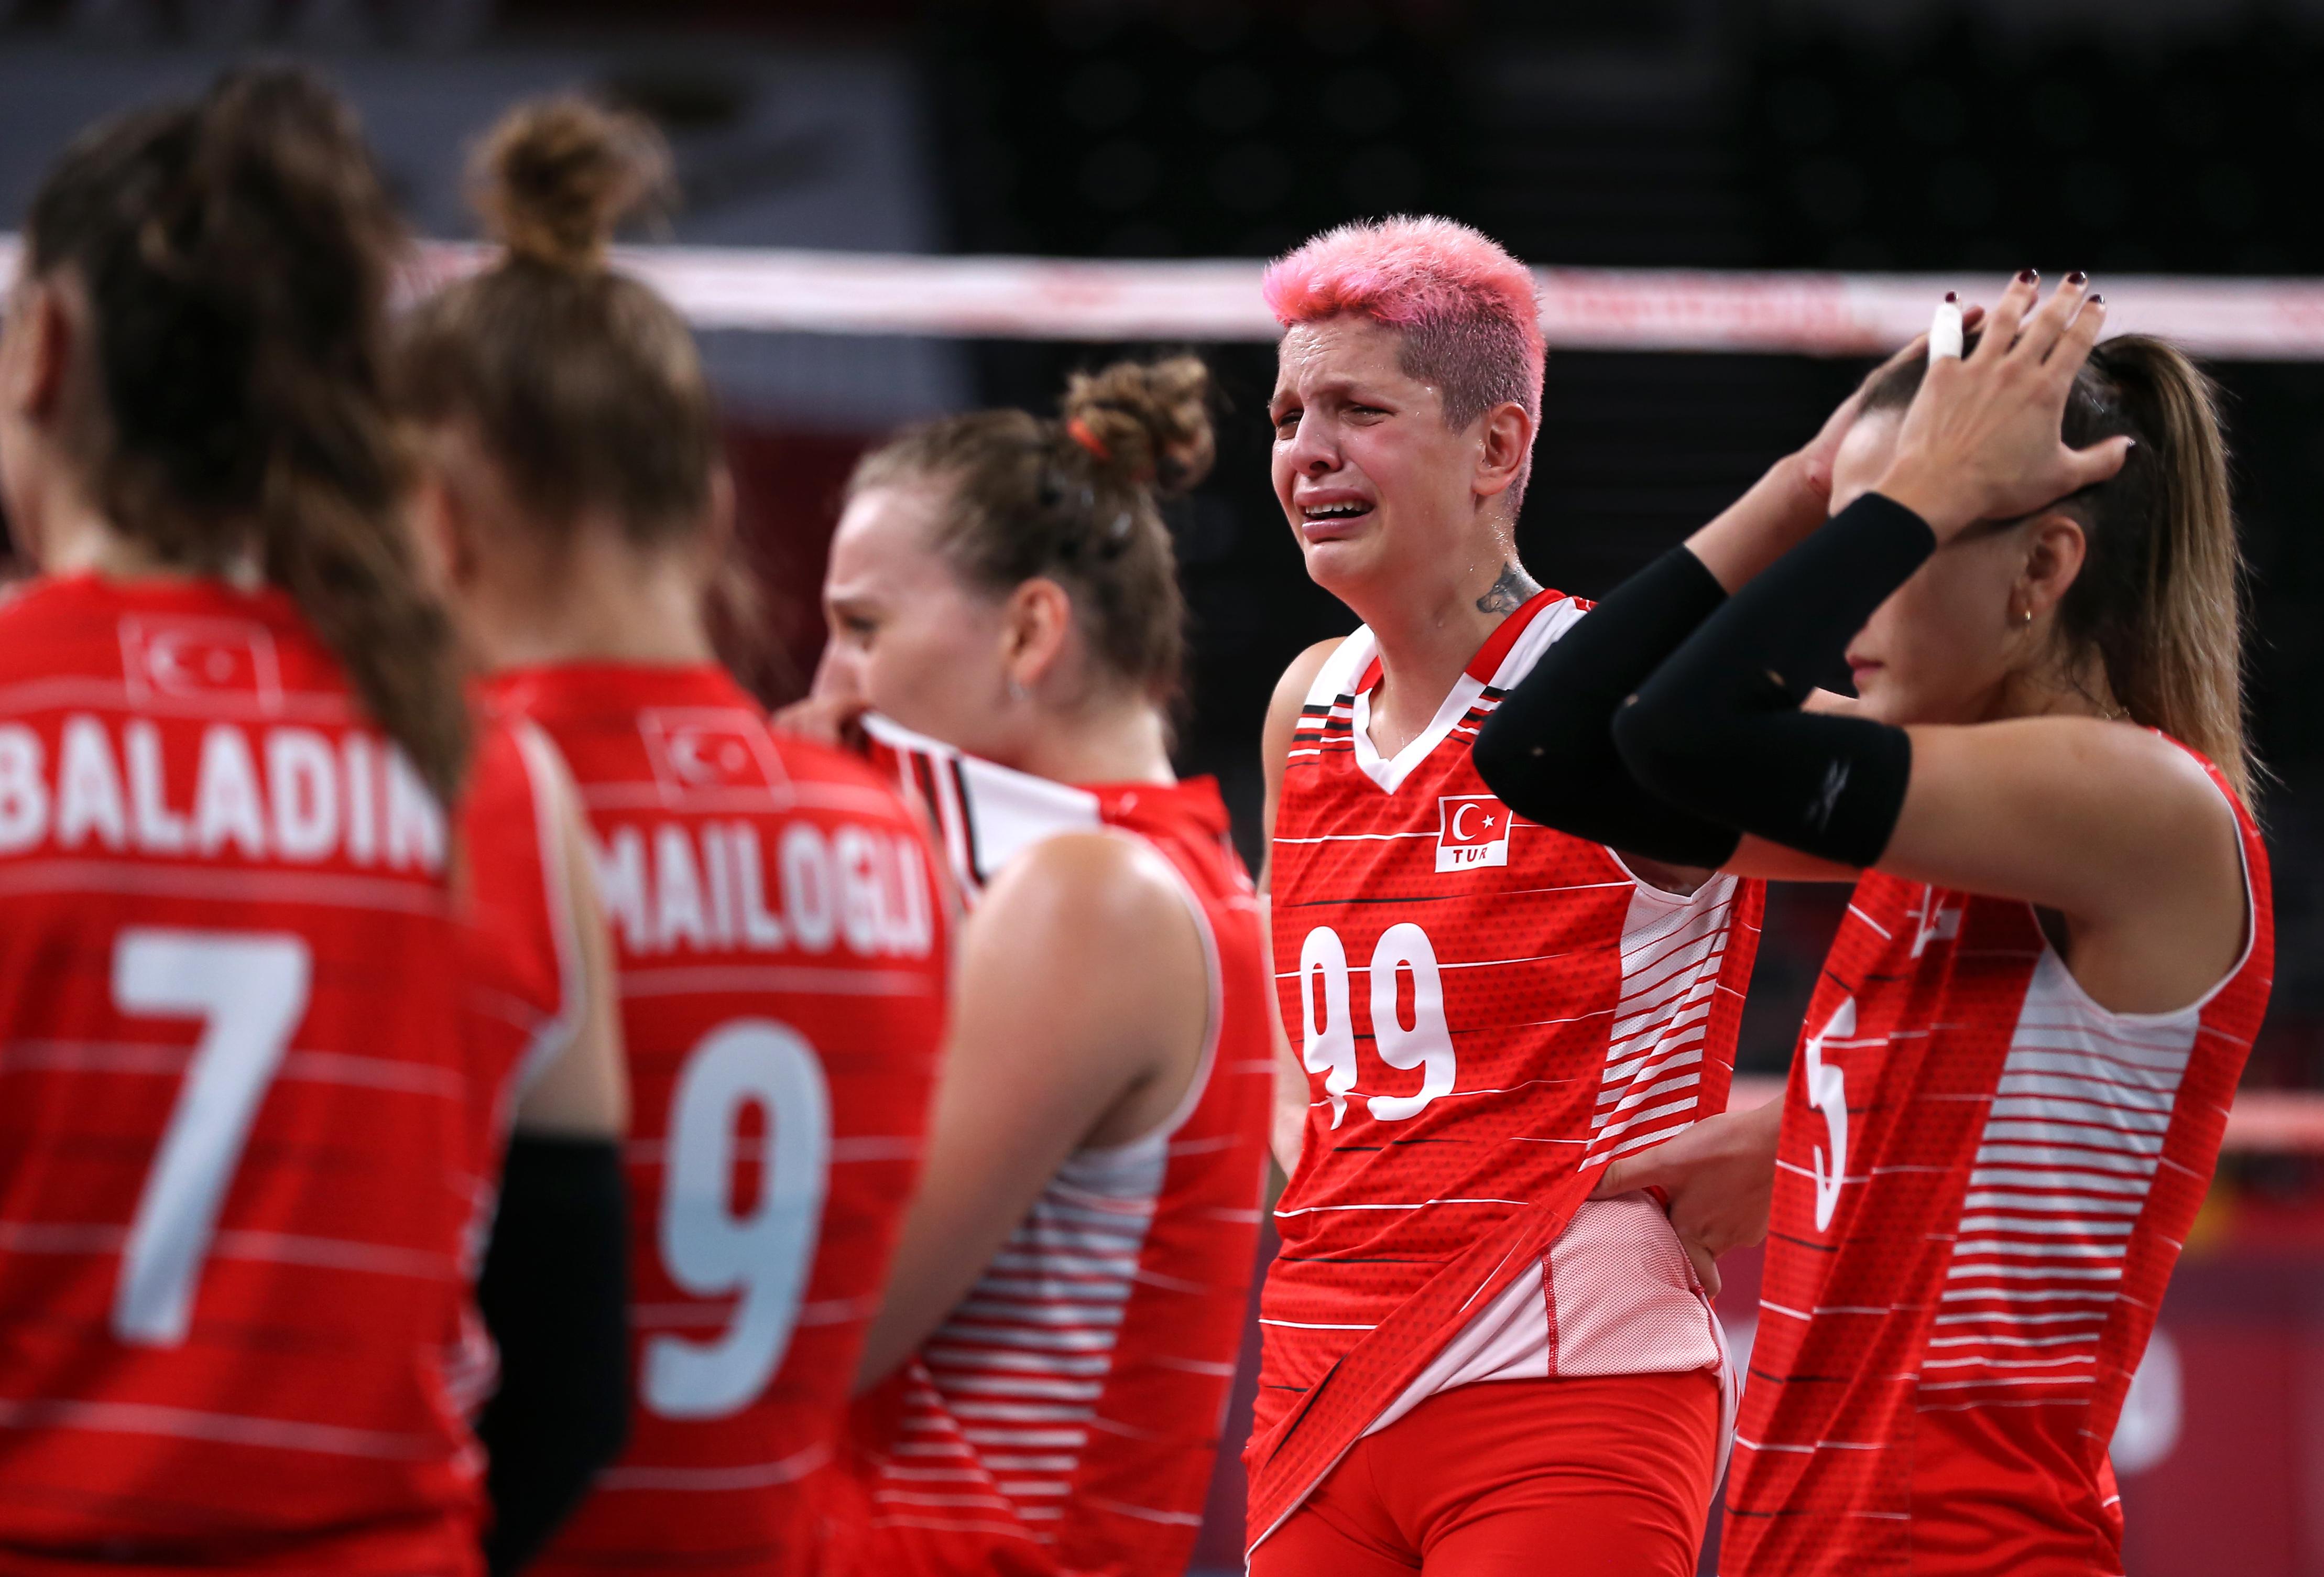 土耳其隊員賽后痛哭。